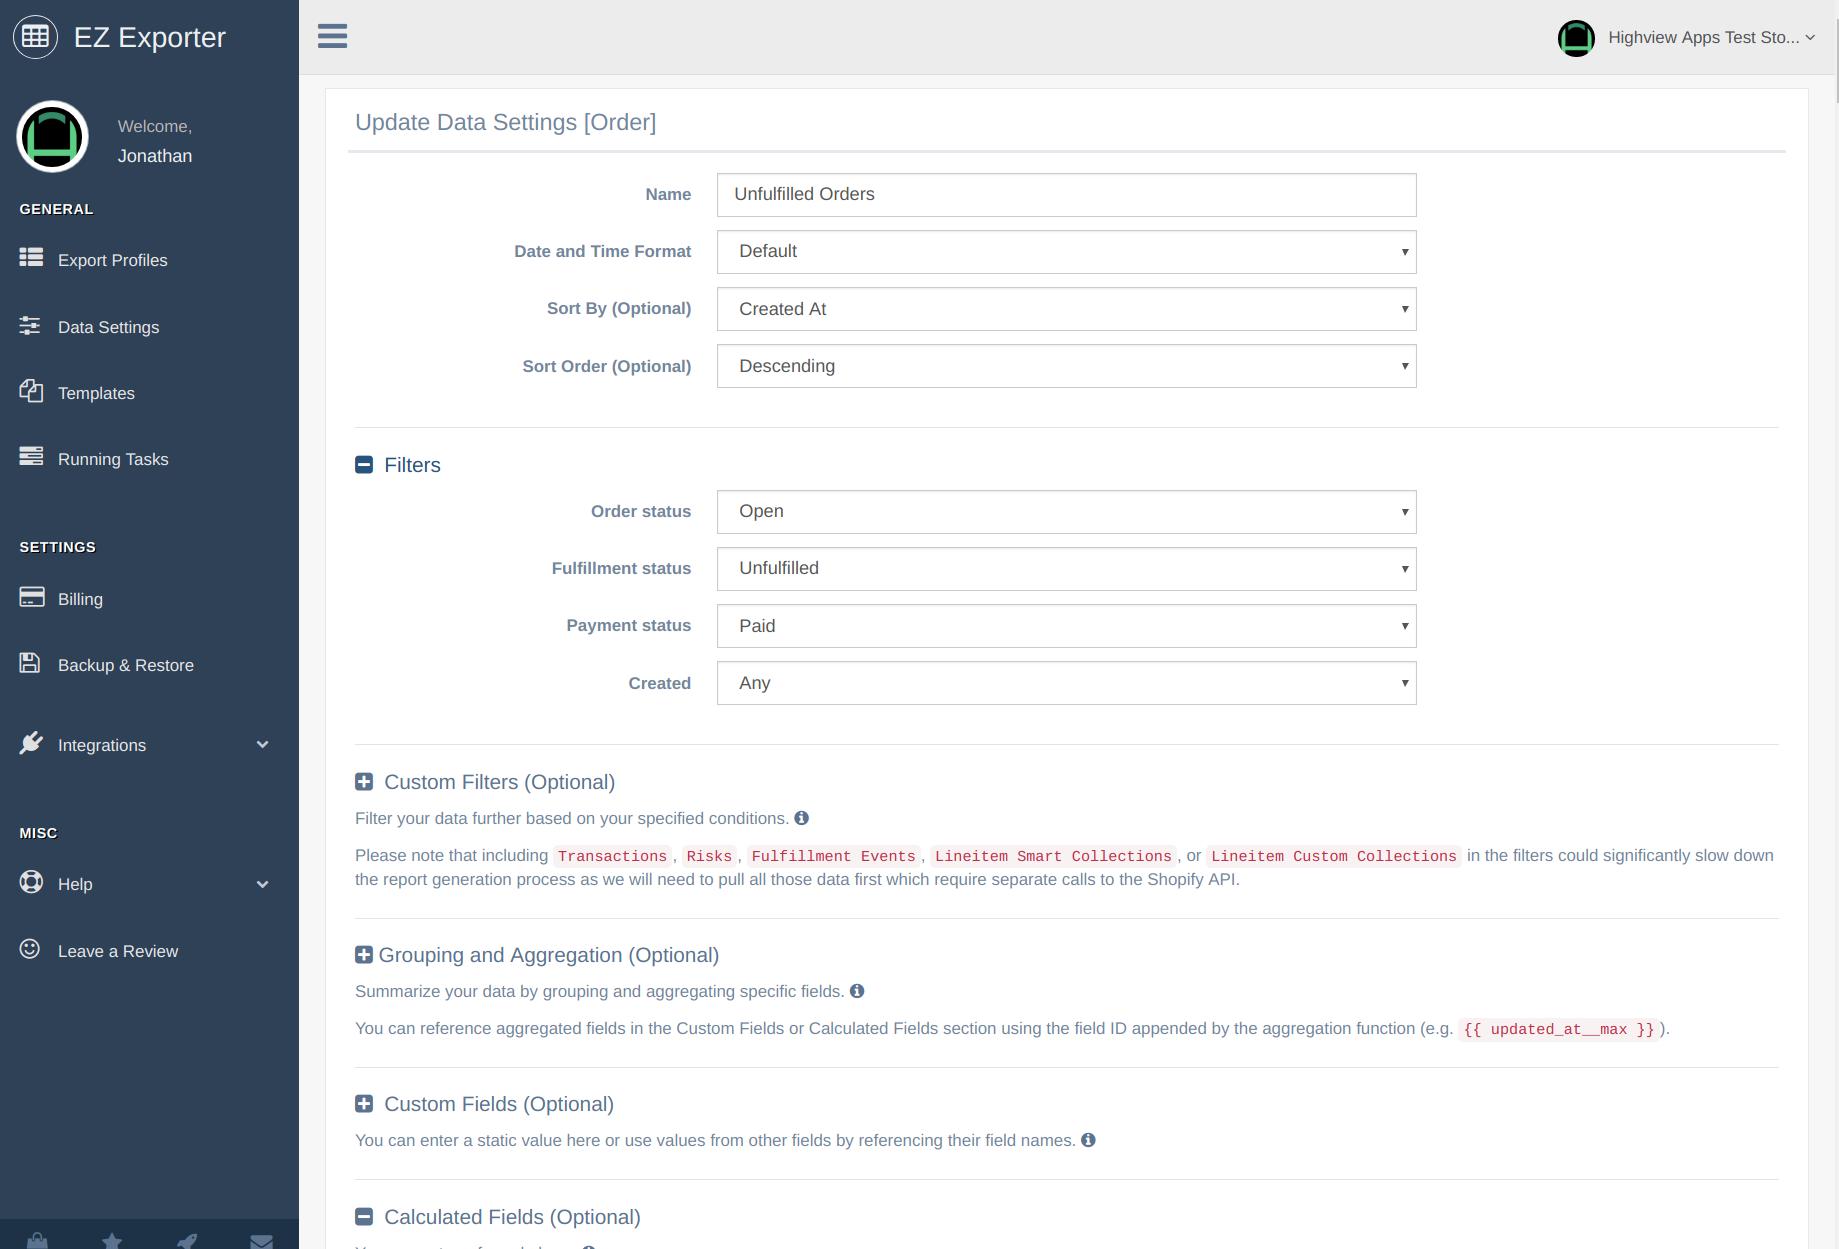 EZ Exporter - Shopify Data Exporter App - Data Settings